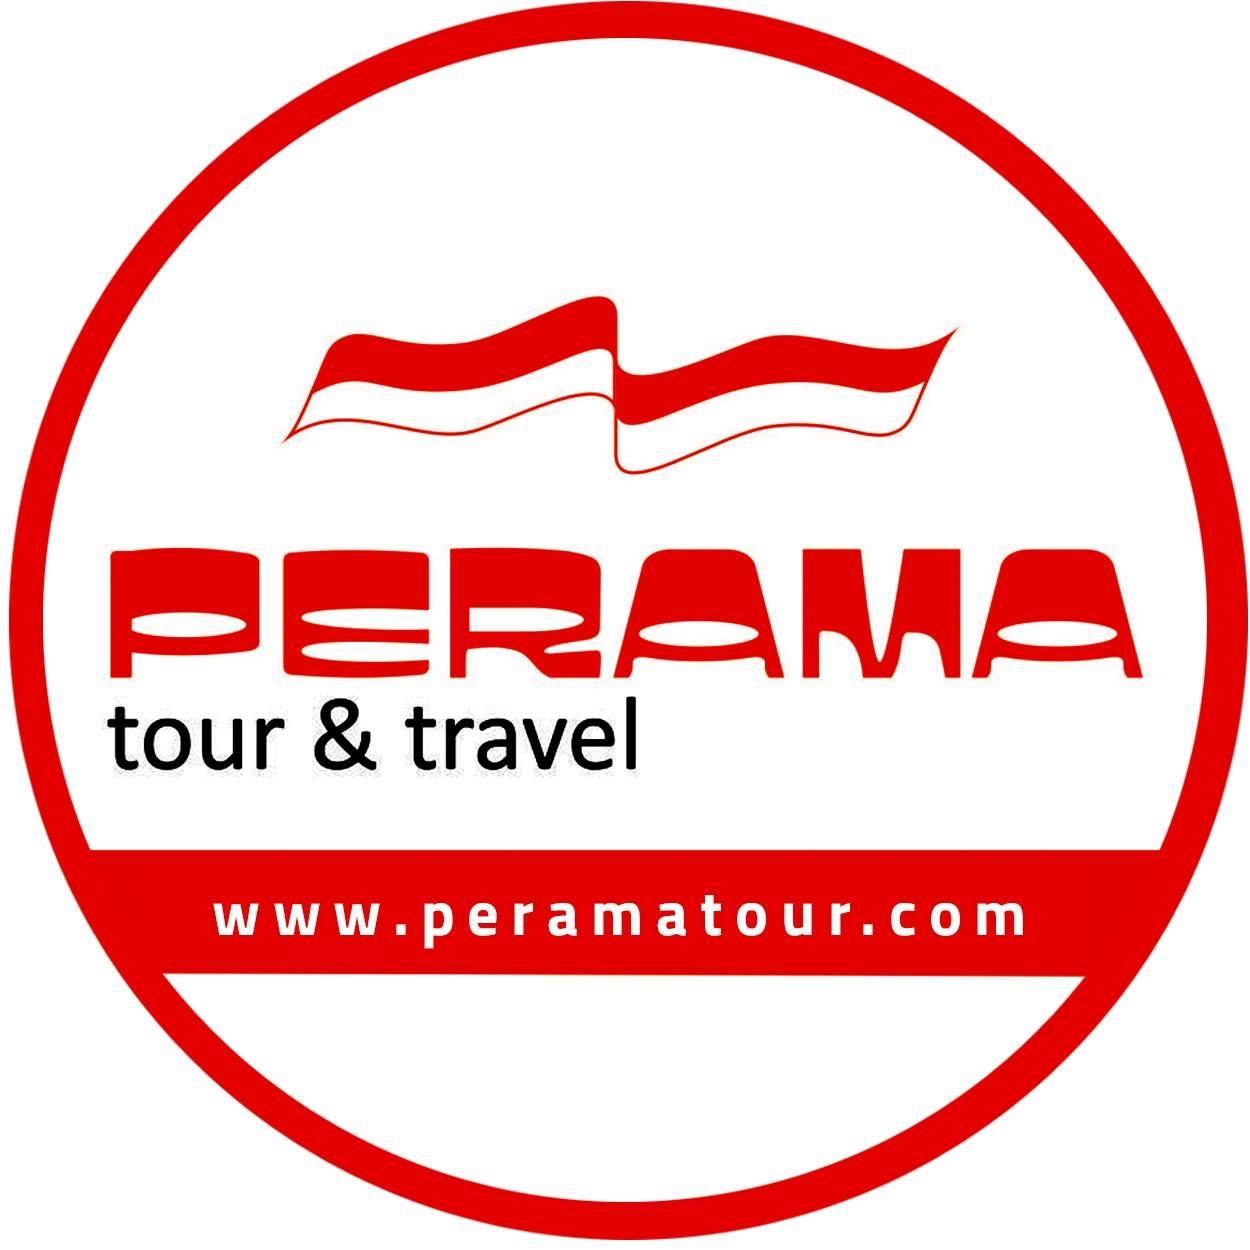 Perama Tour & Travel